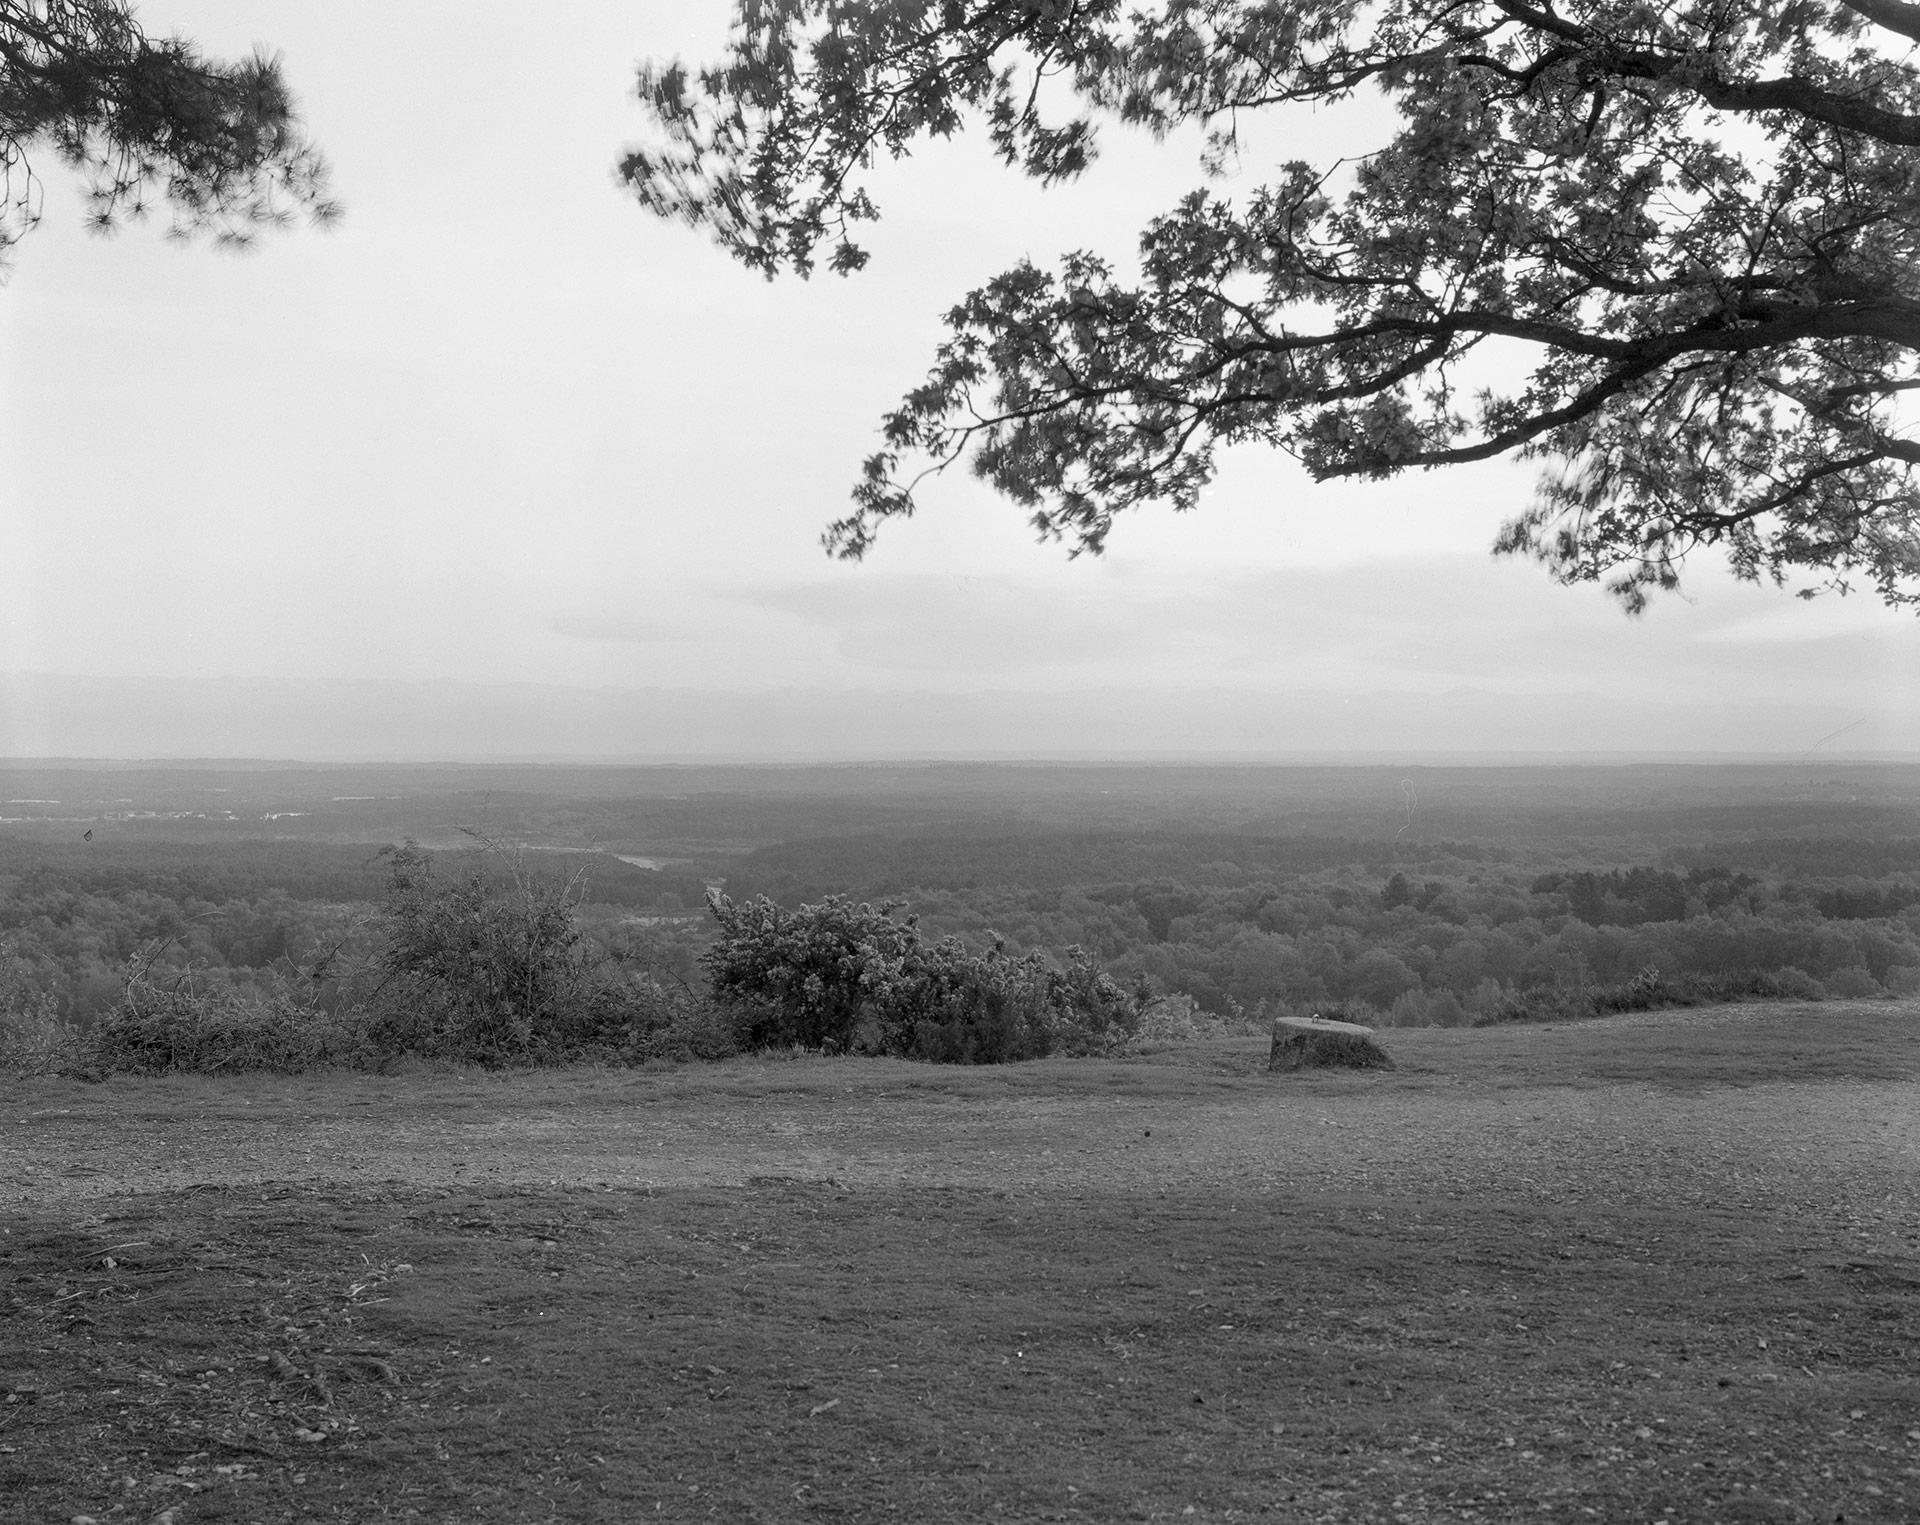 landscape_016